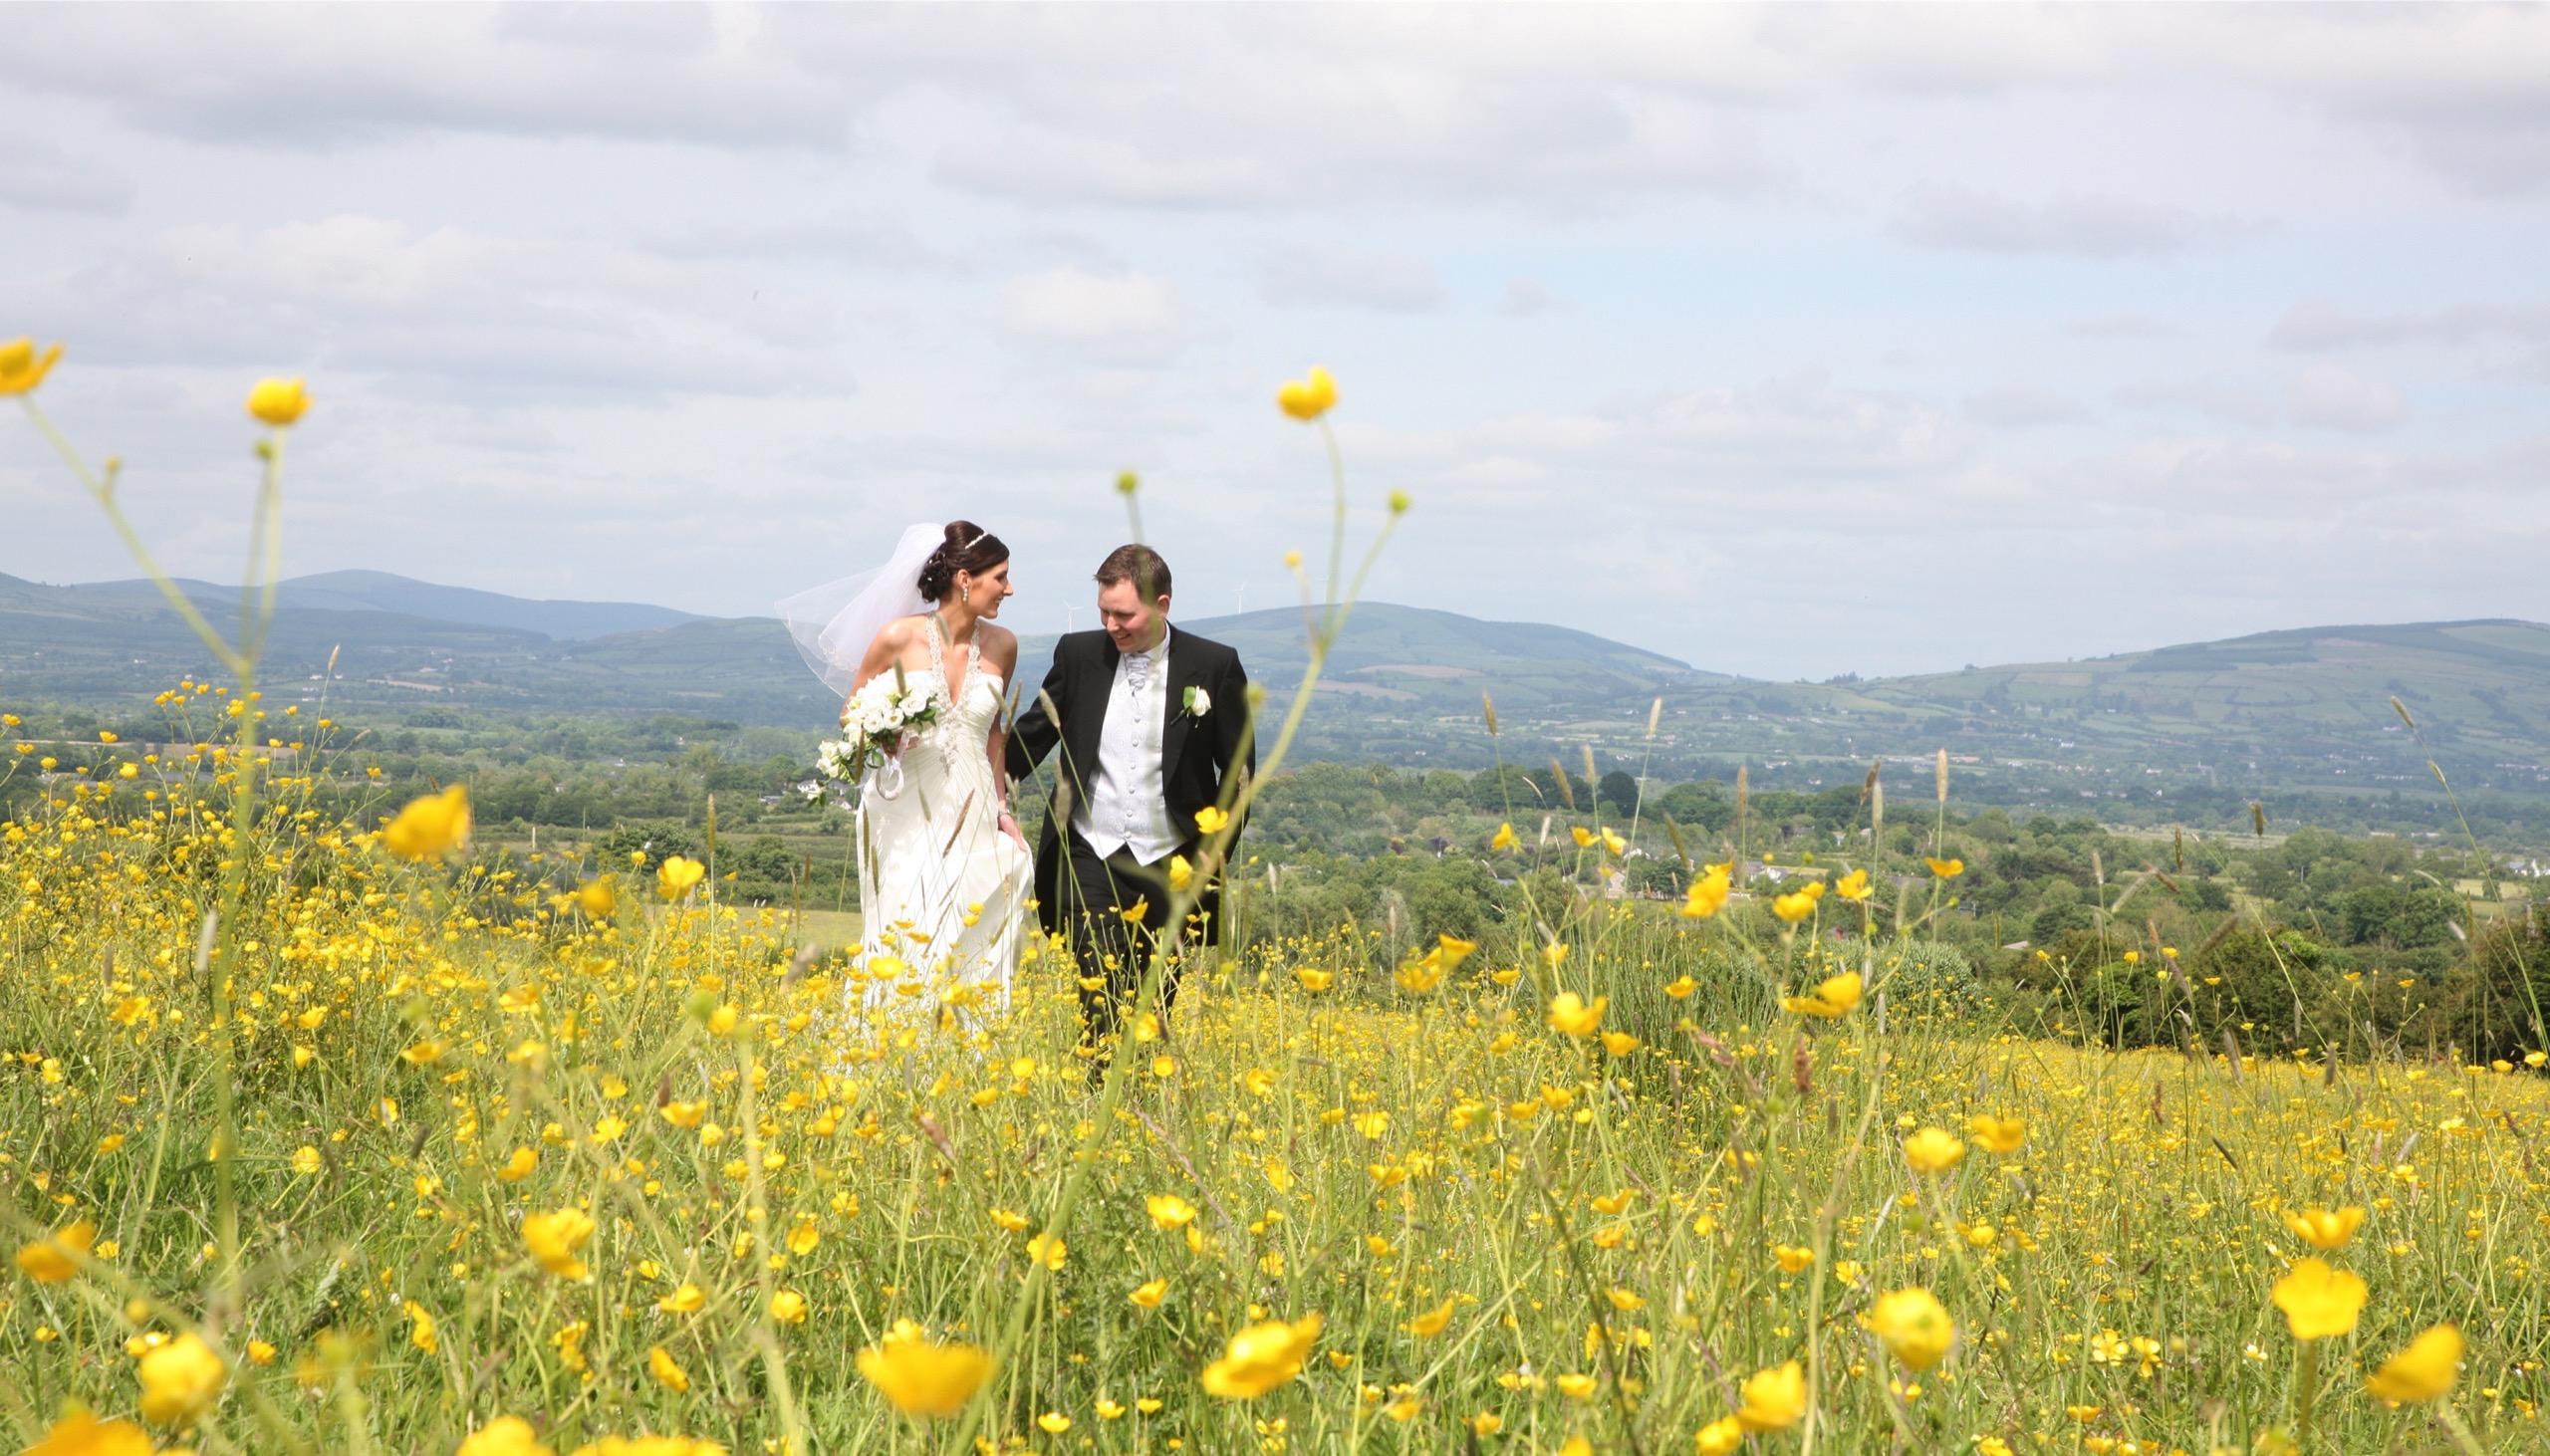 Magaret & William sun wedding